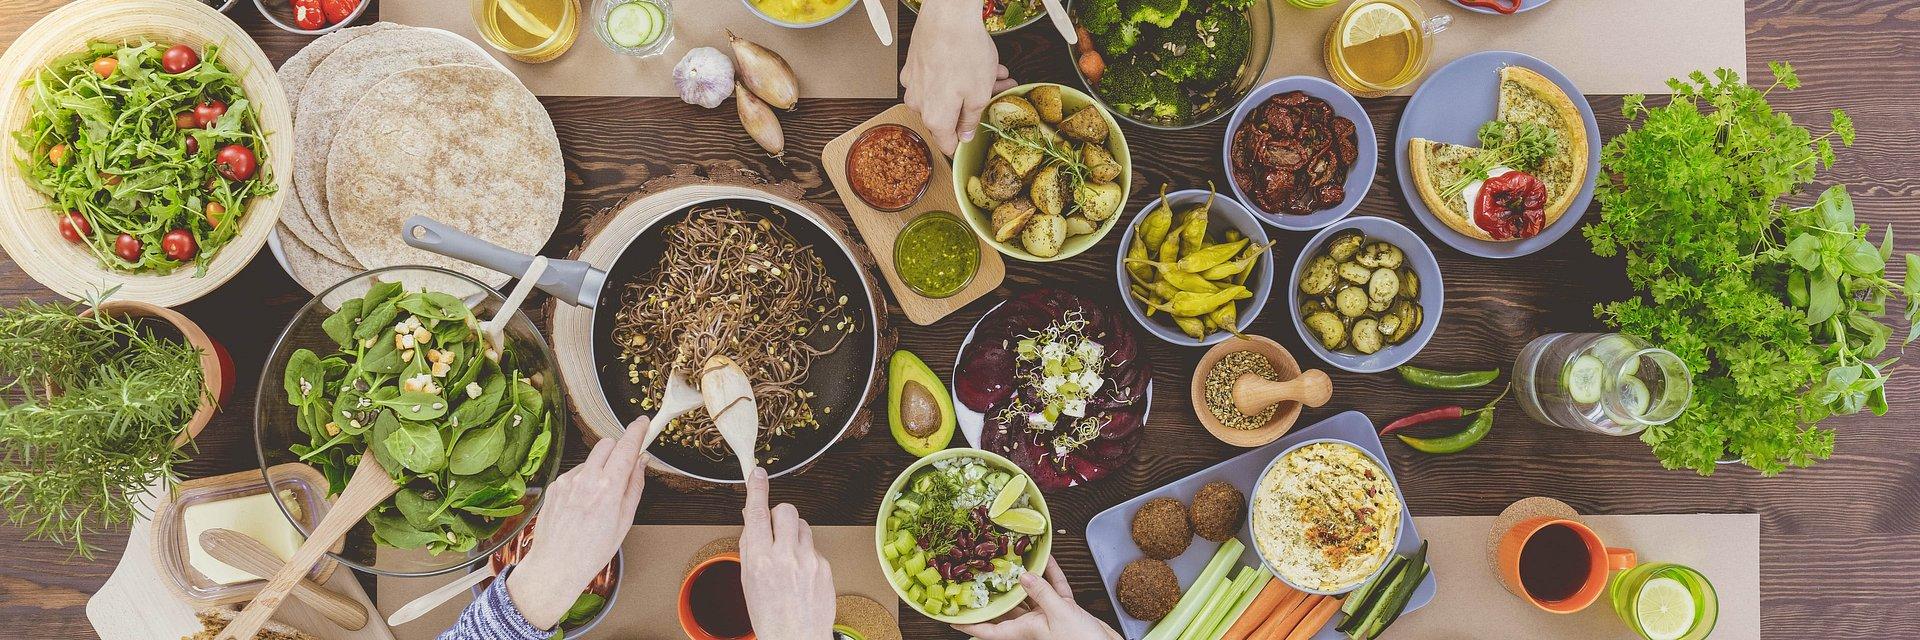 IFS ponownie wprowadza niezapowiedziane kontrole IFS Food Safety Checks